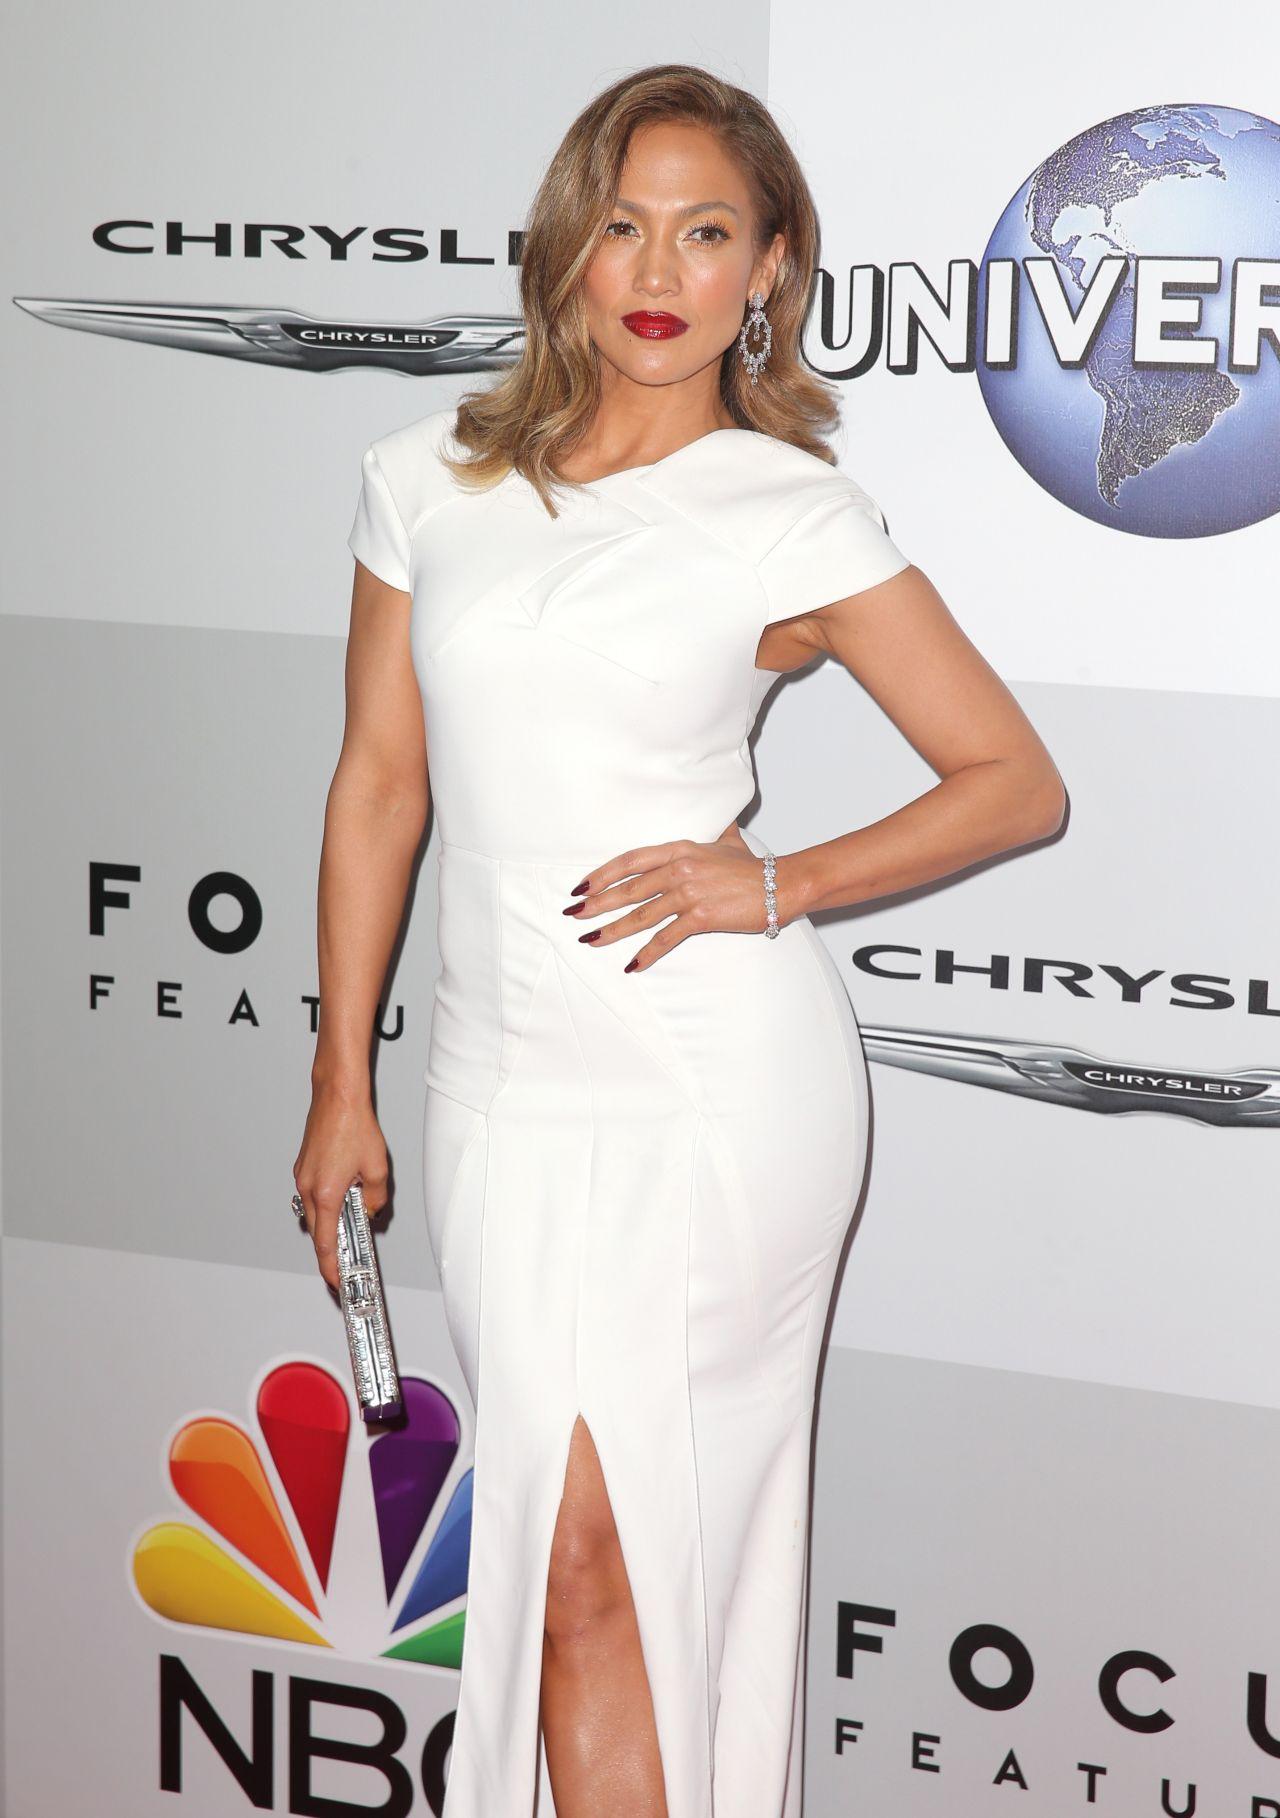 Jennifer Lopez Universal Nbc Focus Features And E